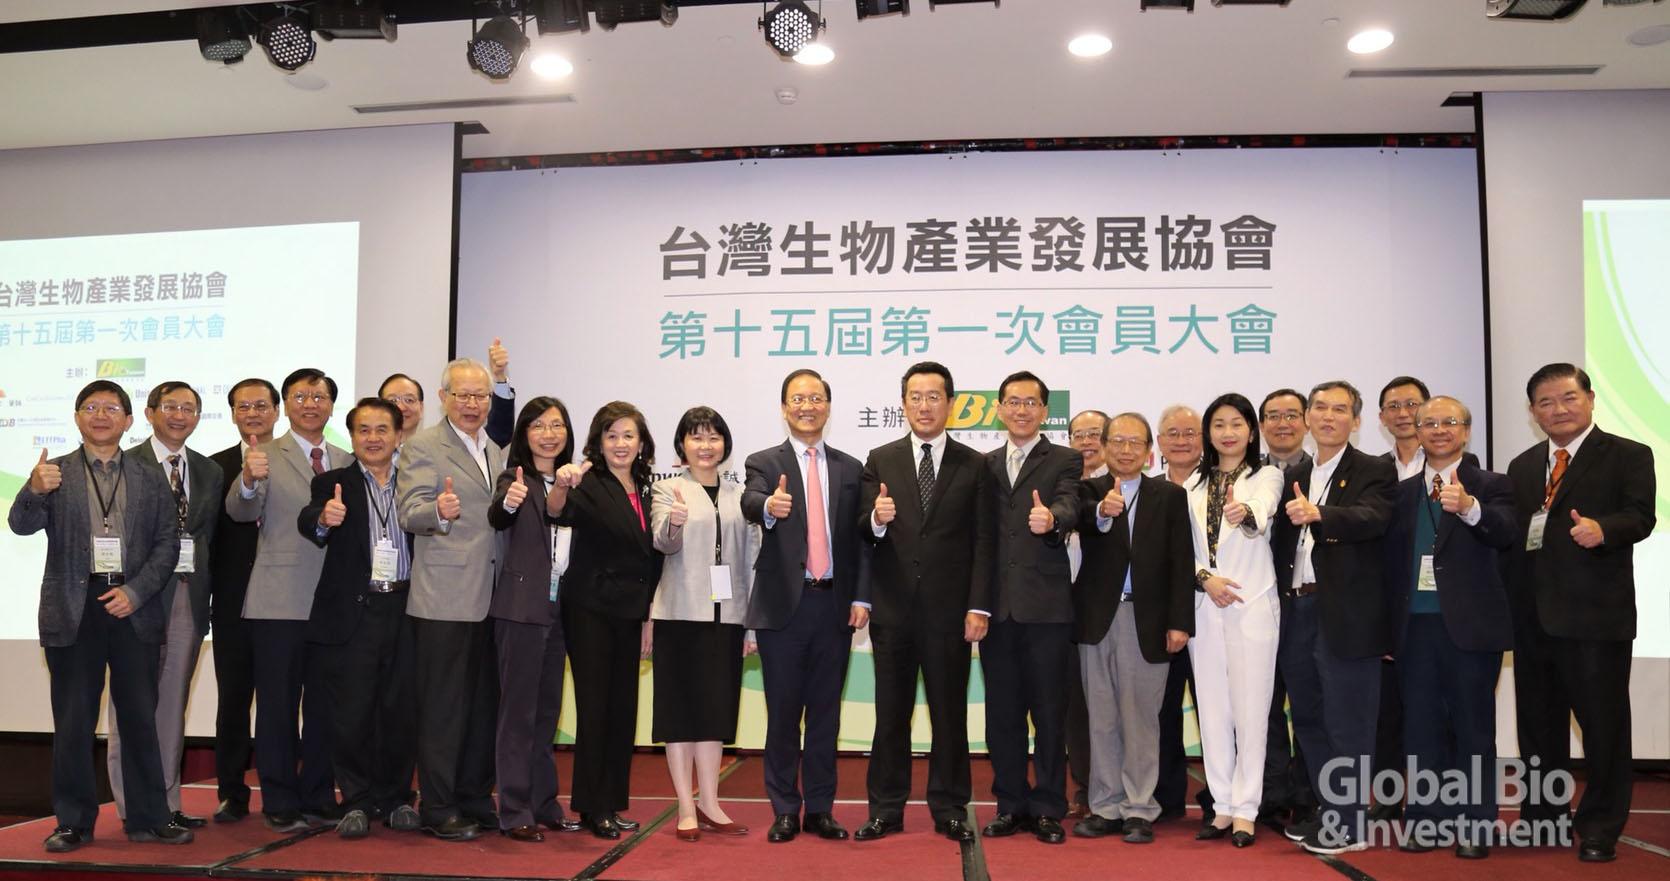 台灣生物產業發展協會於30日晚間舉辦一年一度的會員大會。